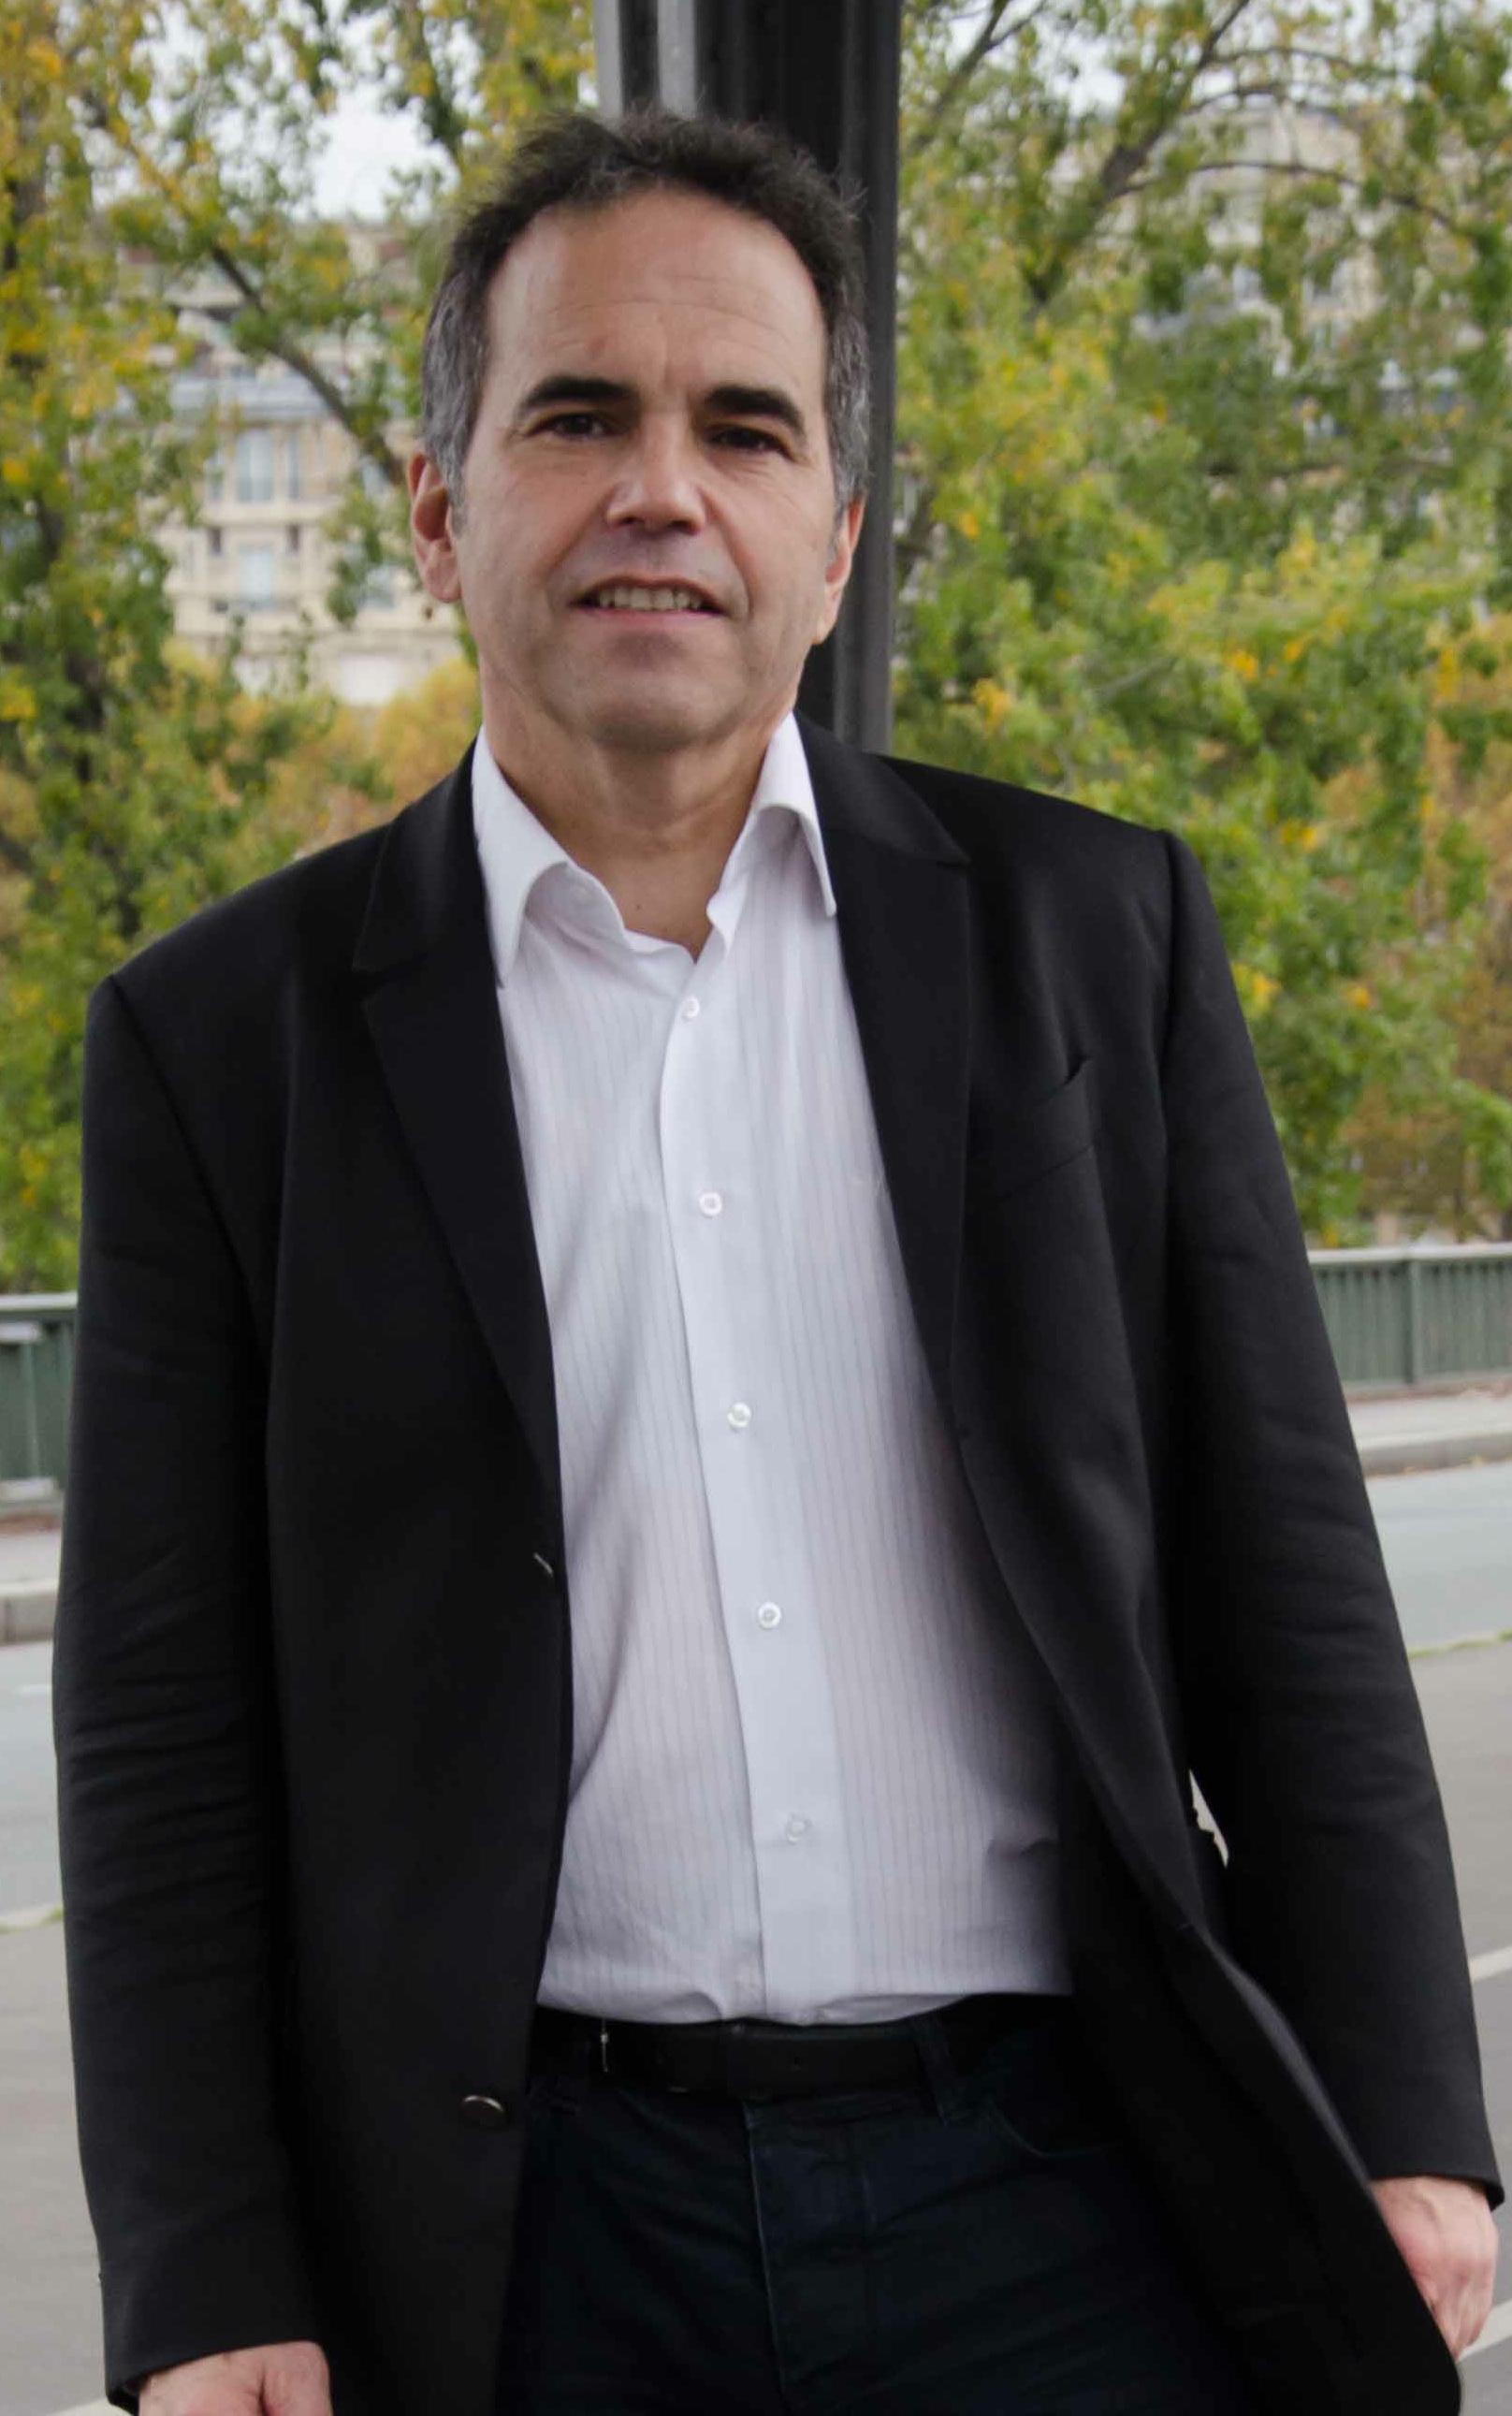 Thierry do Espirito web conférencier